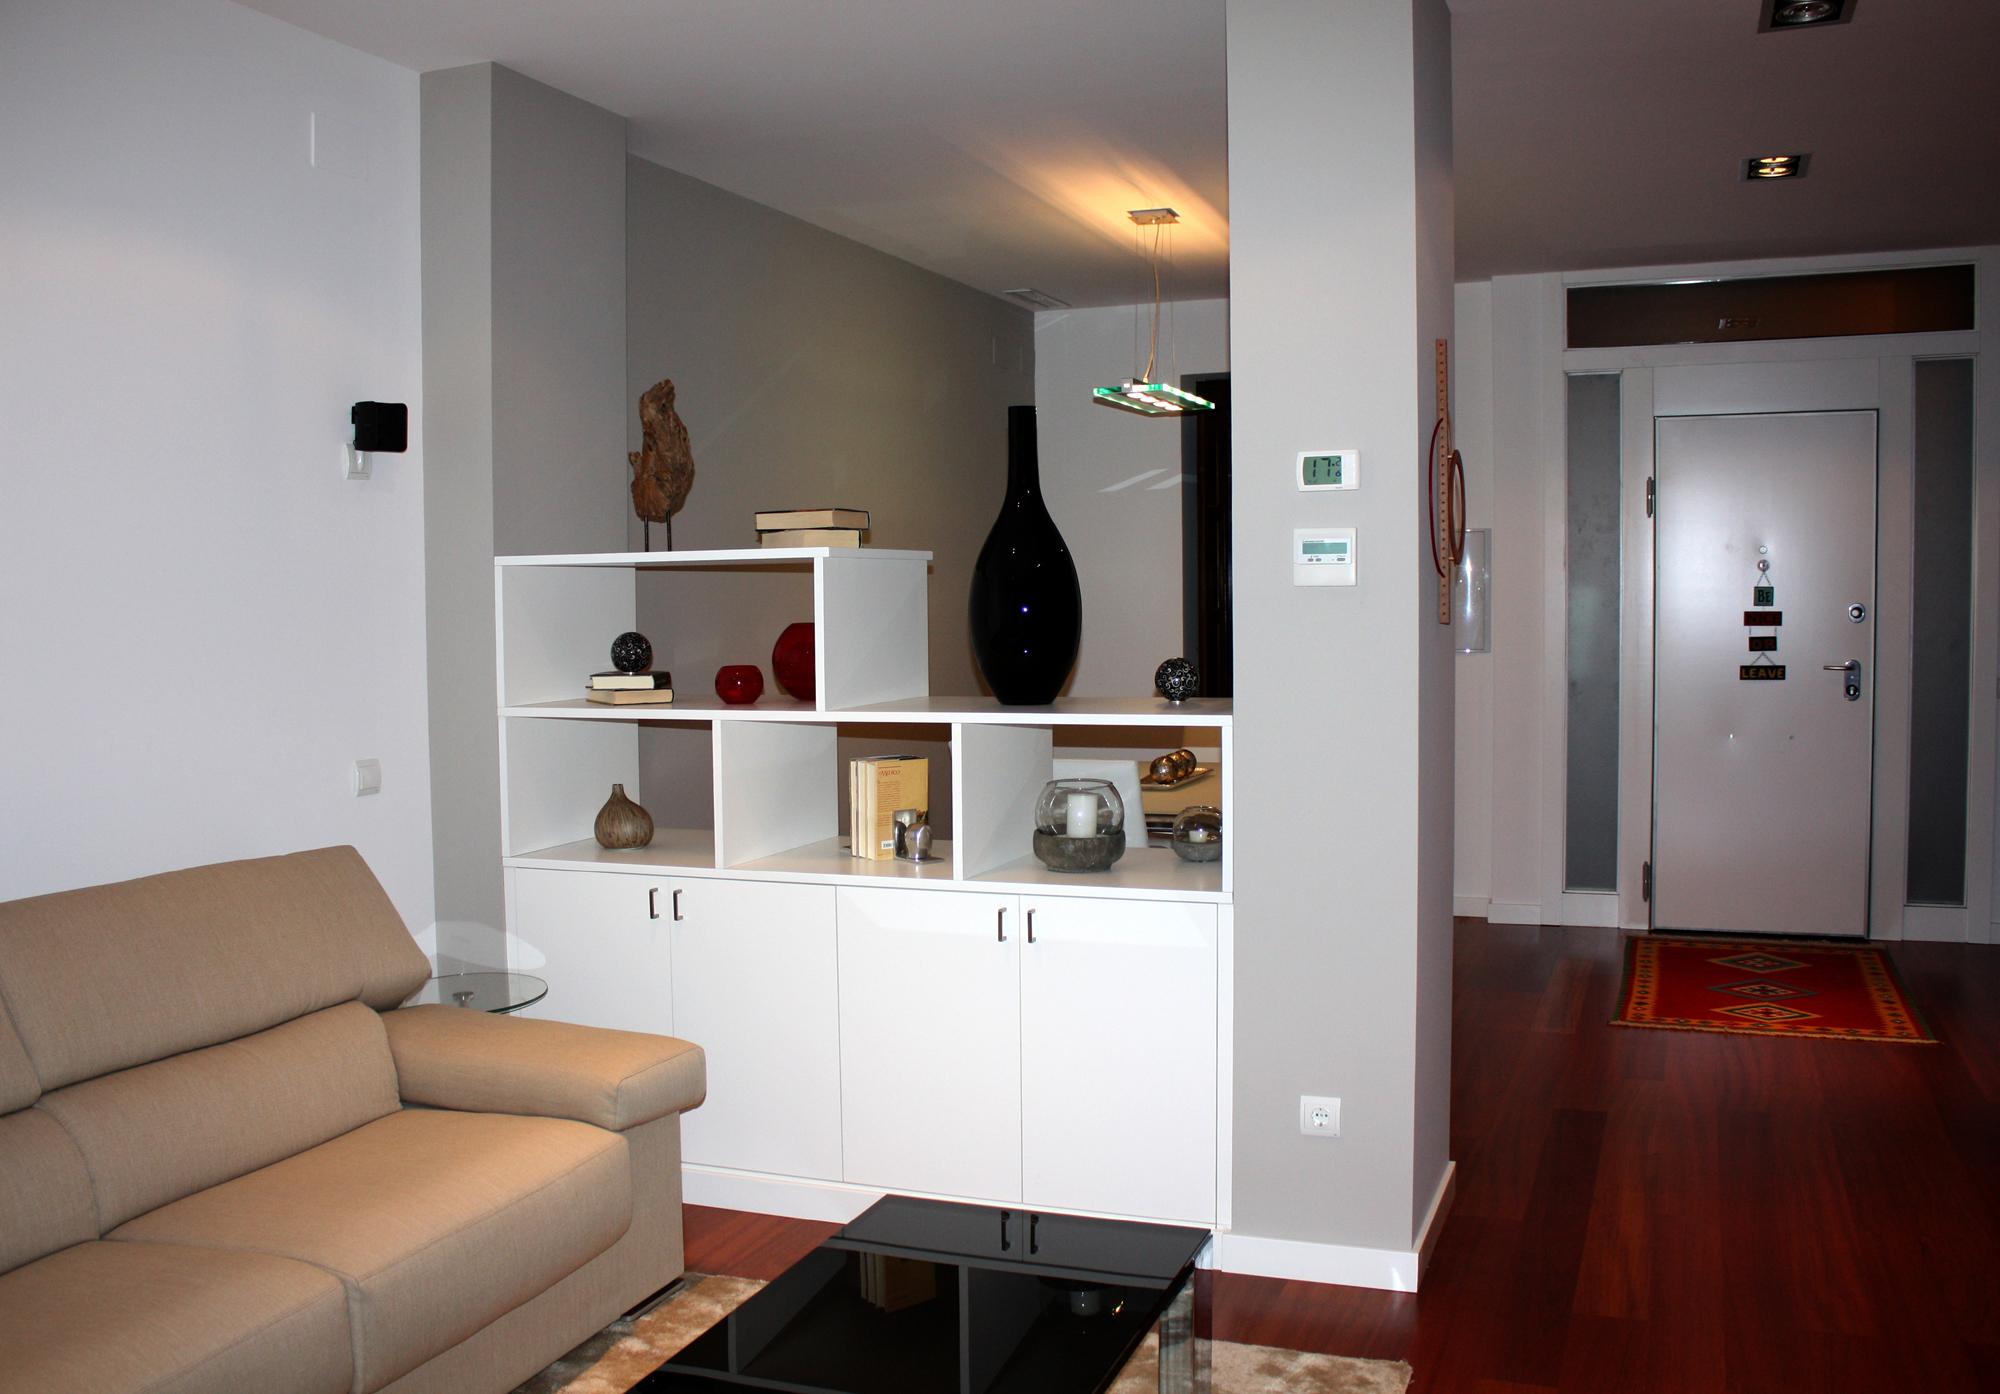 Vivienda En Valencia Santiago Darder Arquitecto T Cnico # Muebles Divisorios